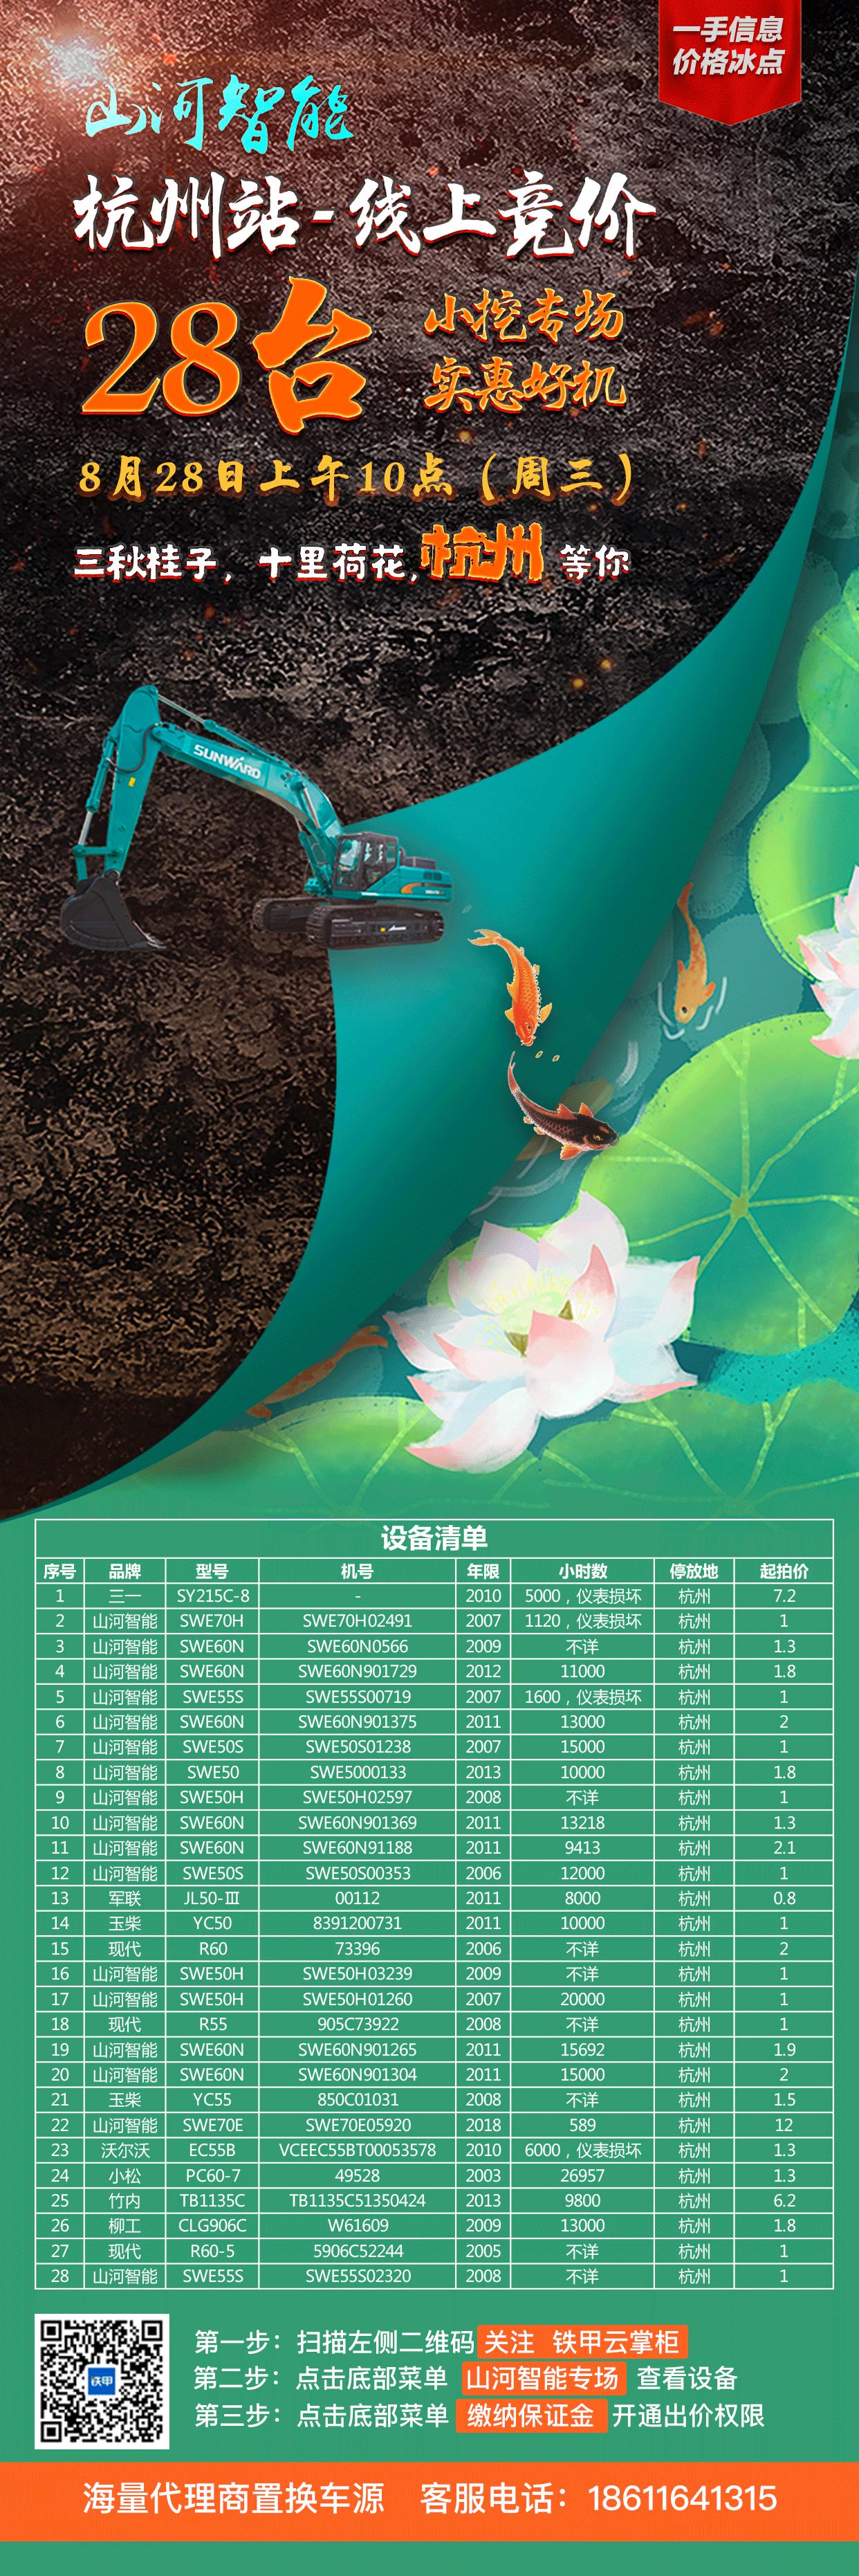 第三场山河智能专场竞拍,起拍价低至8000,好戏延续!!